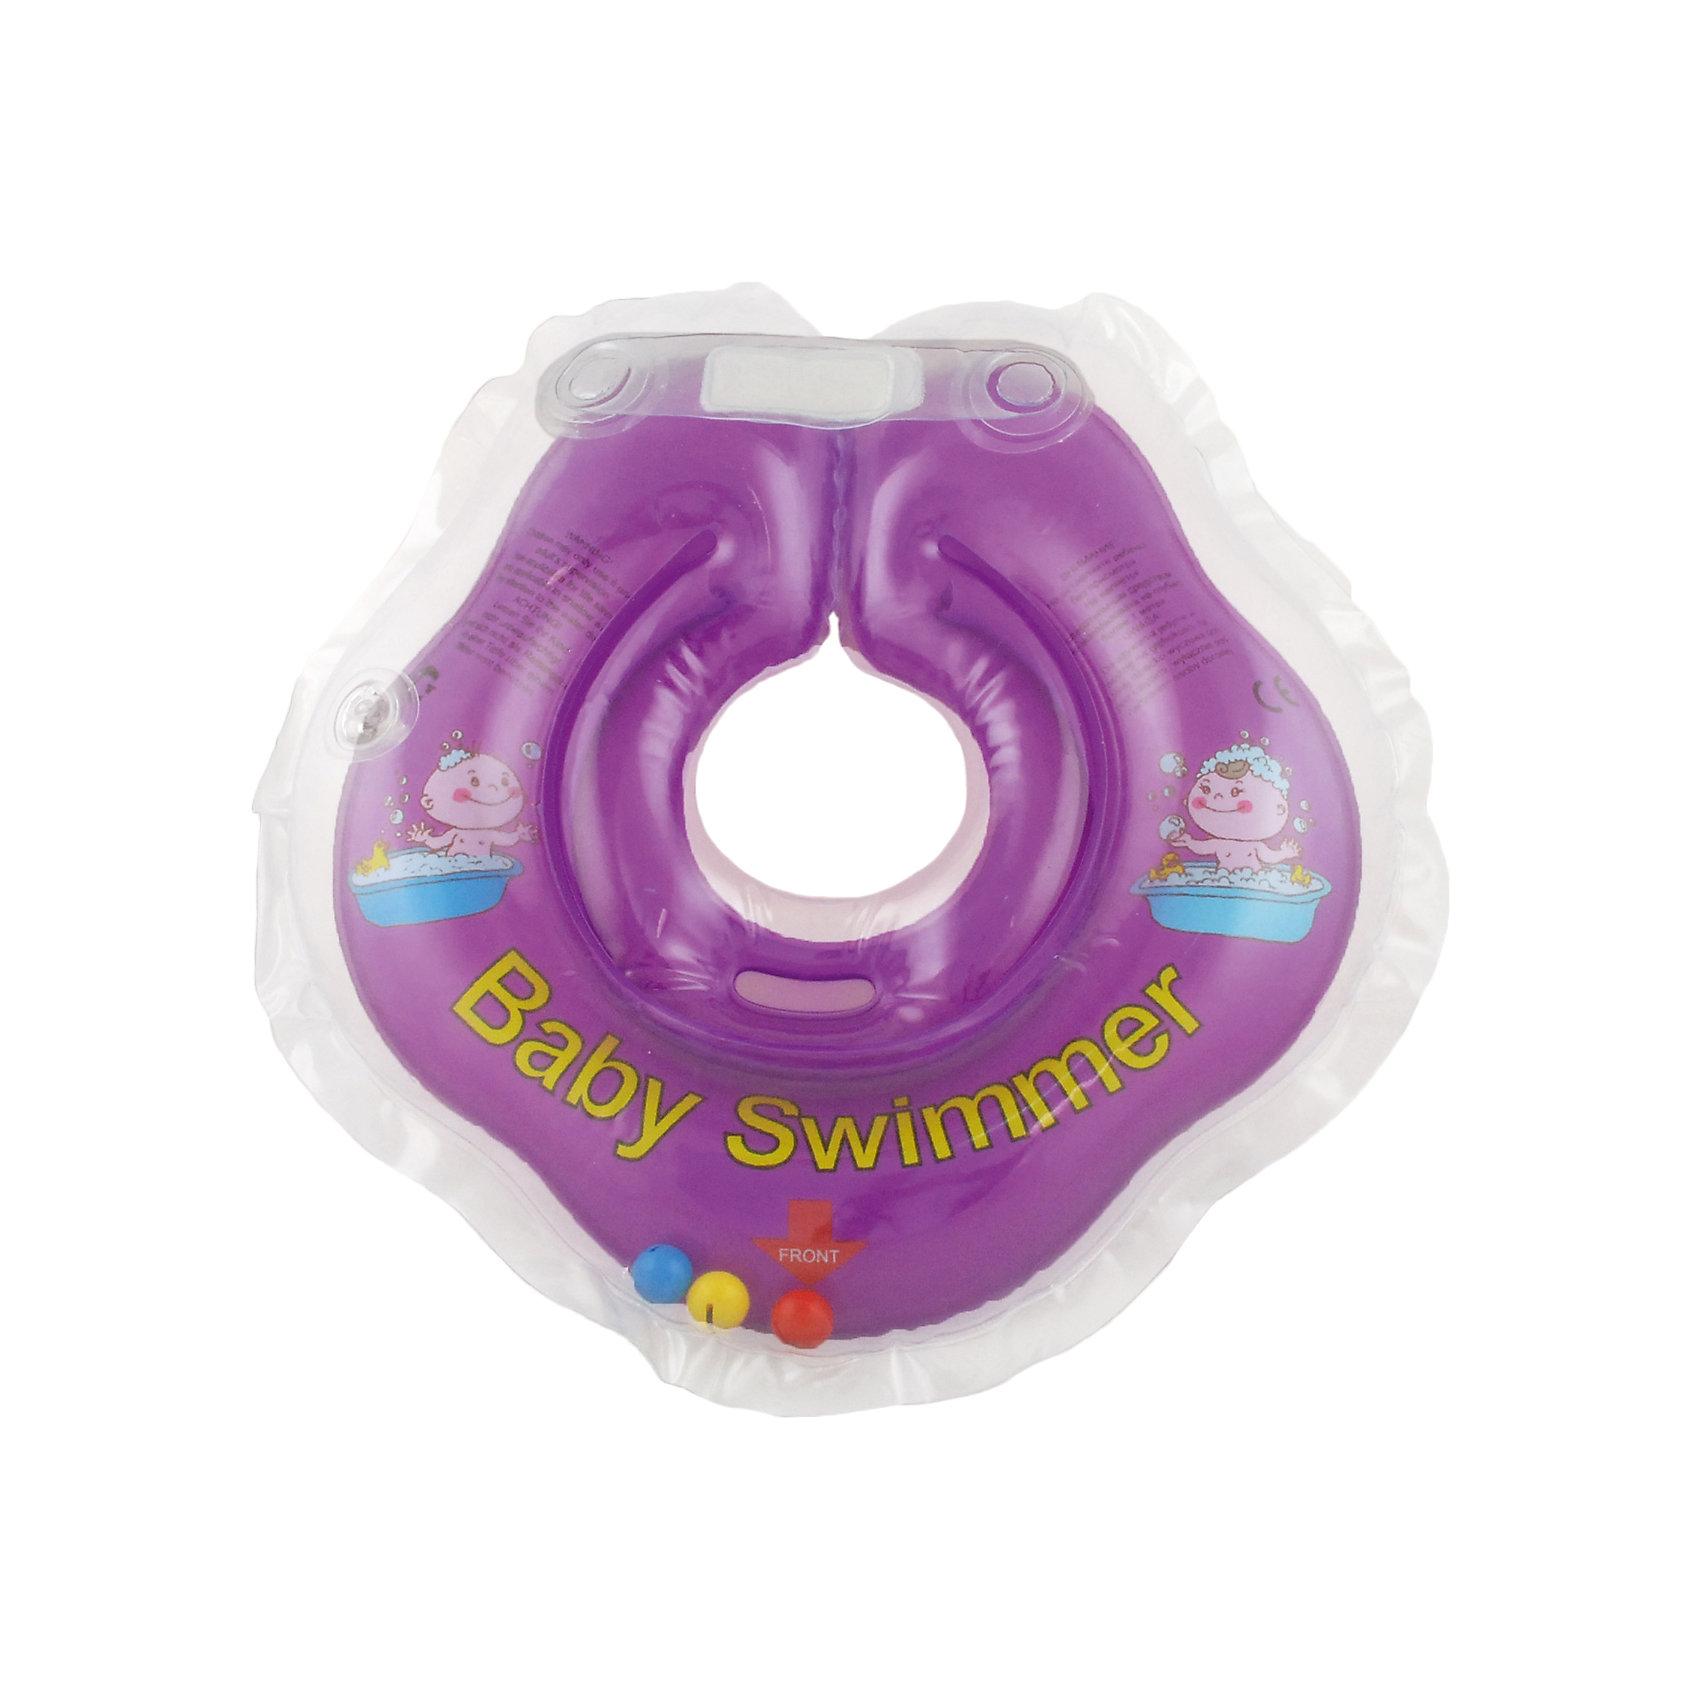 Круг для купания с погремушкой внутри BabySwimmer, фиолетовый (Baby Swimmer)